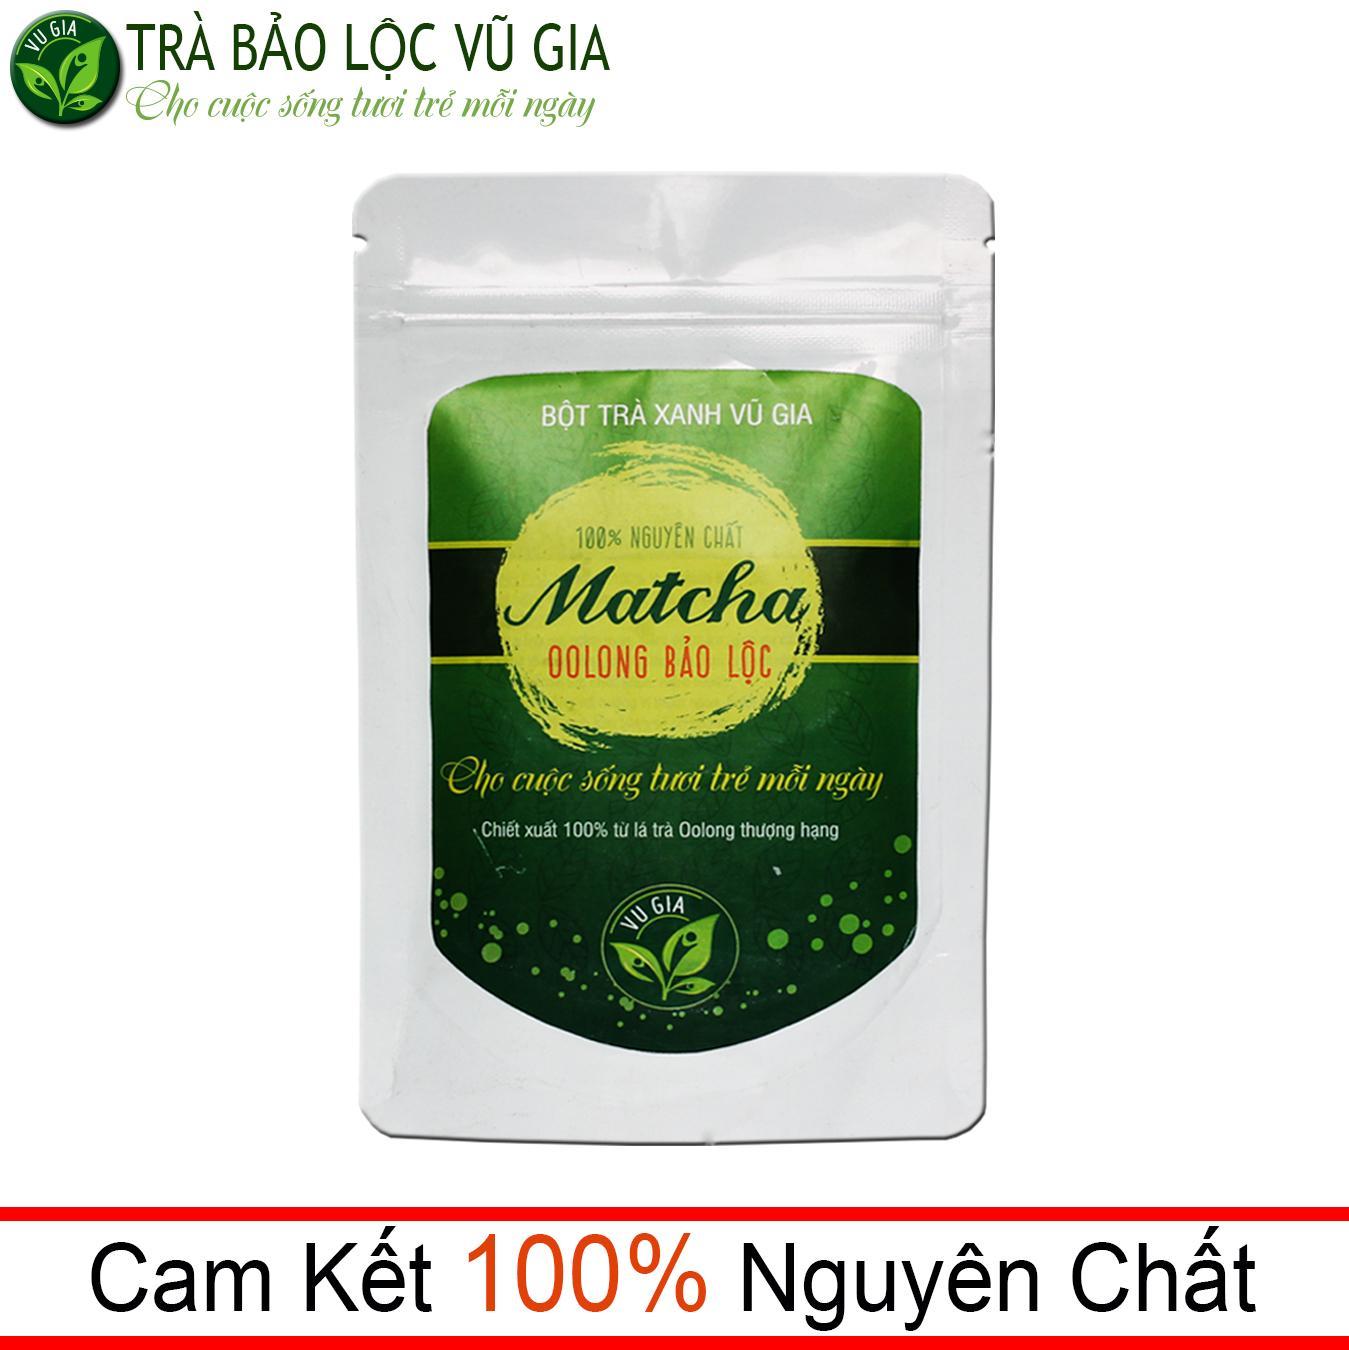 Matcha Oolong Nguyên Chất Bảo Lộc VG Farm ( 100g/ túi) - pha trà sữa, làm bánh, gia vị món ăn thanh nhiệt cơ thể và giảm cân an toàn_[ Đã được kiểm nghiệm y tế ]